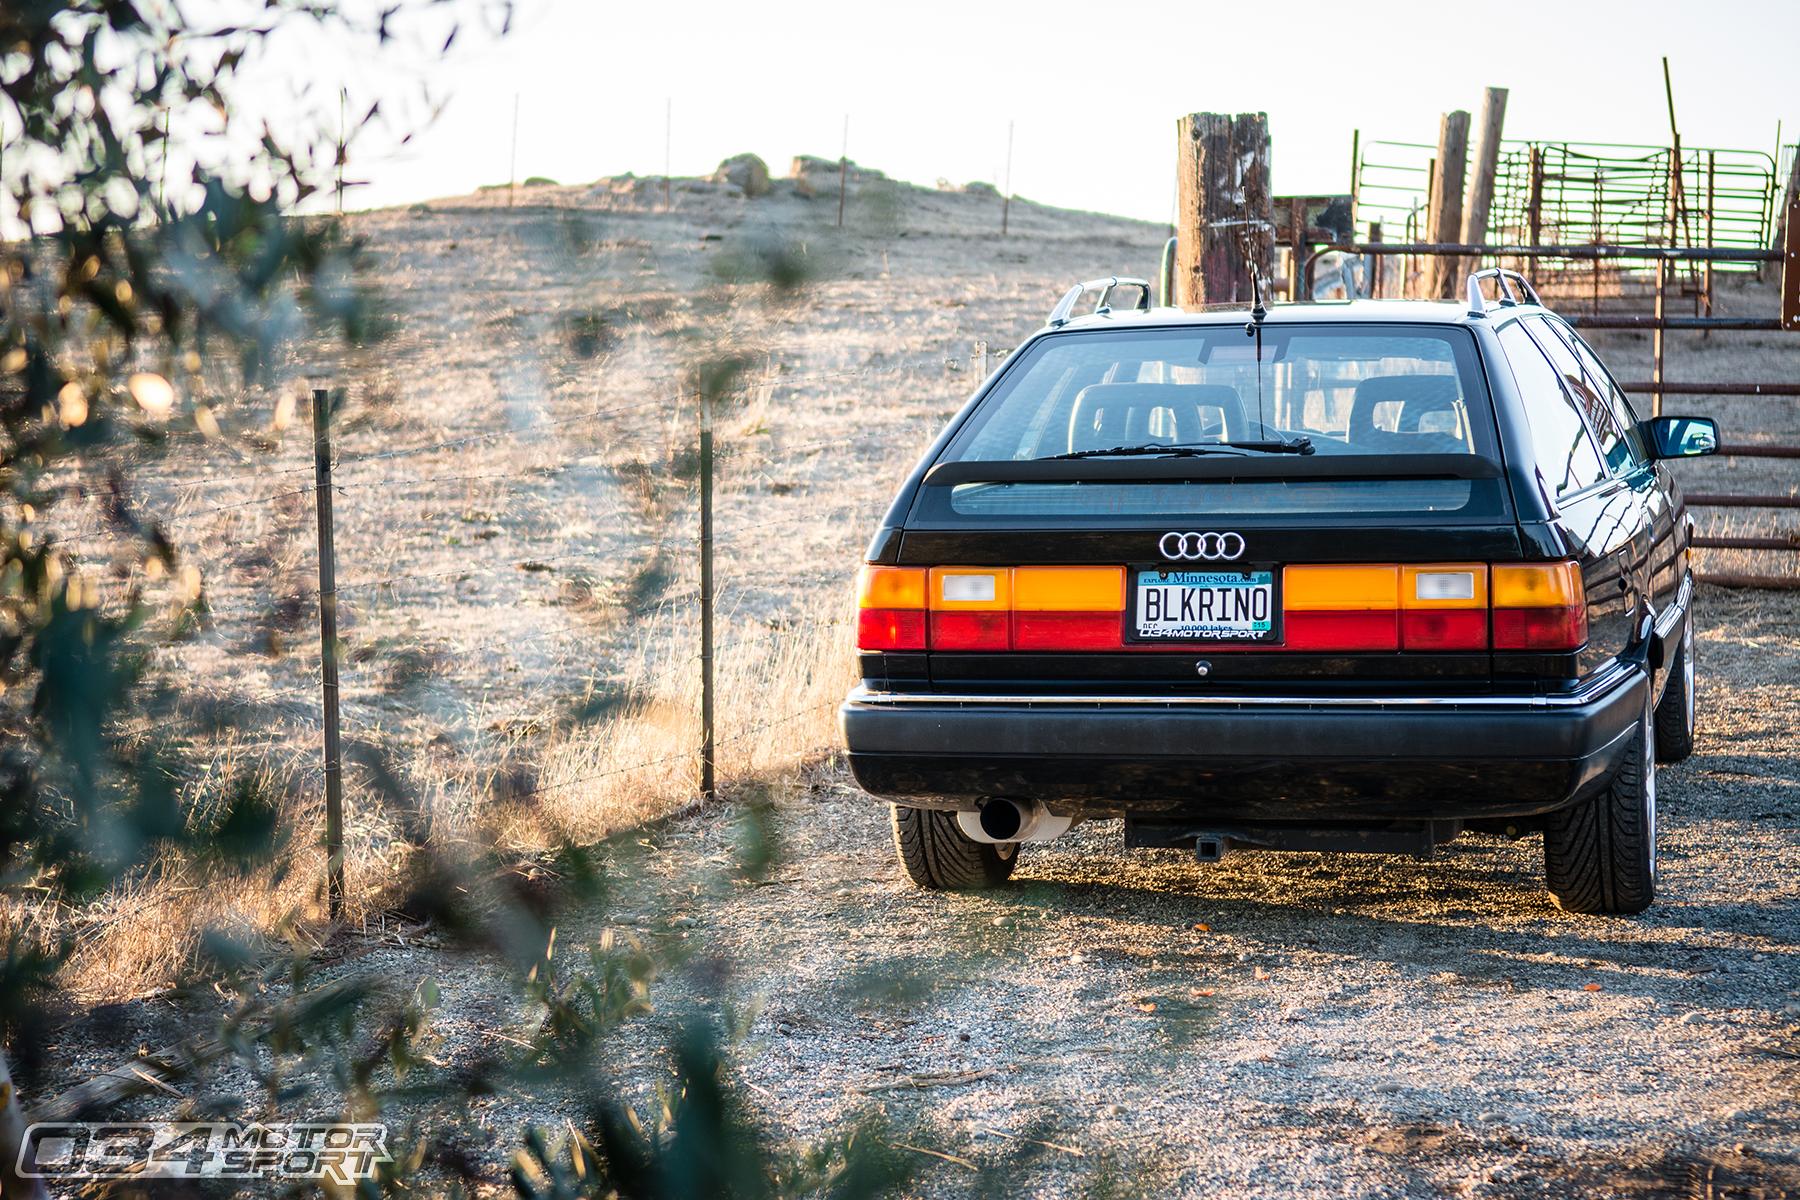 Black Rhino Audi 200 Avant Quattro